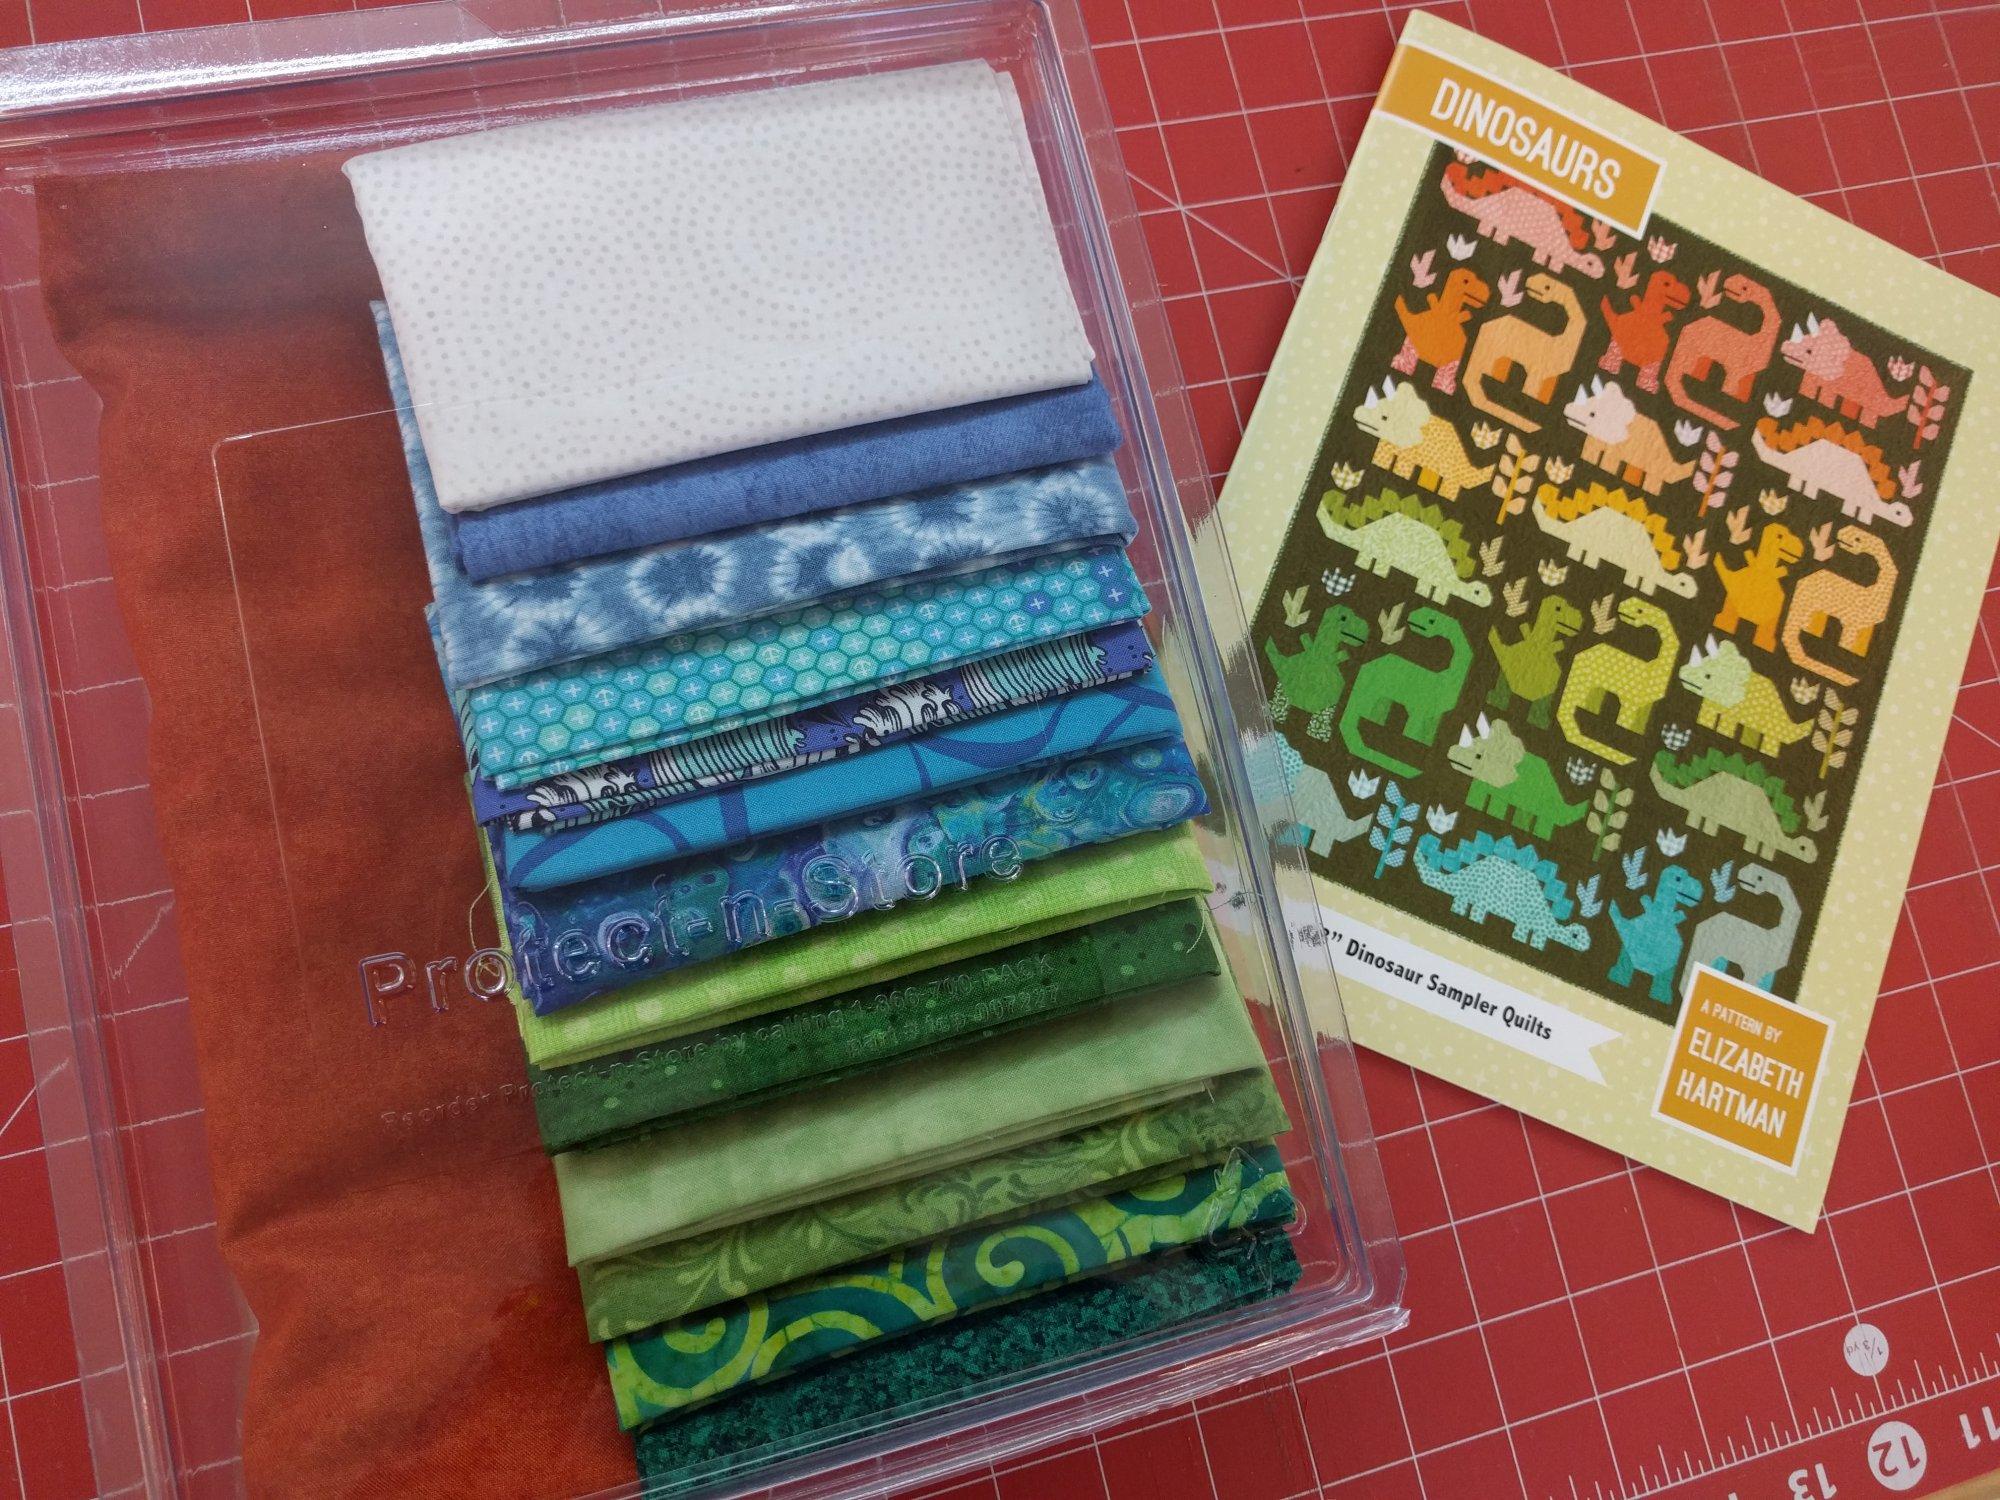 Dinosaurs lap quilt kit